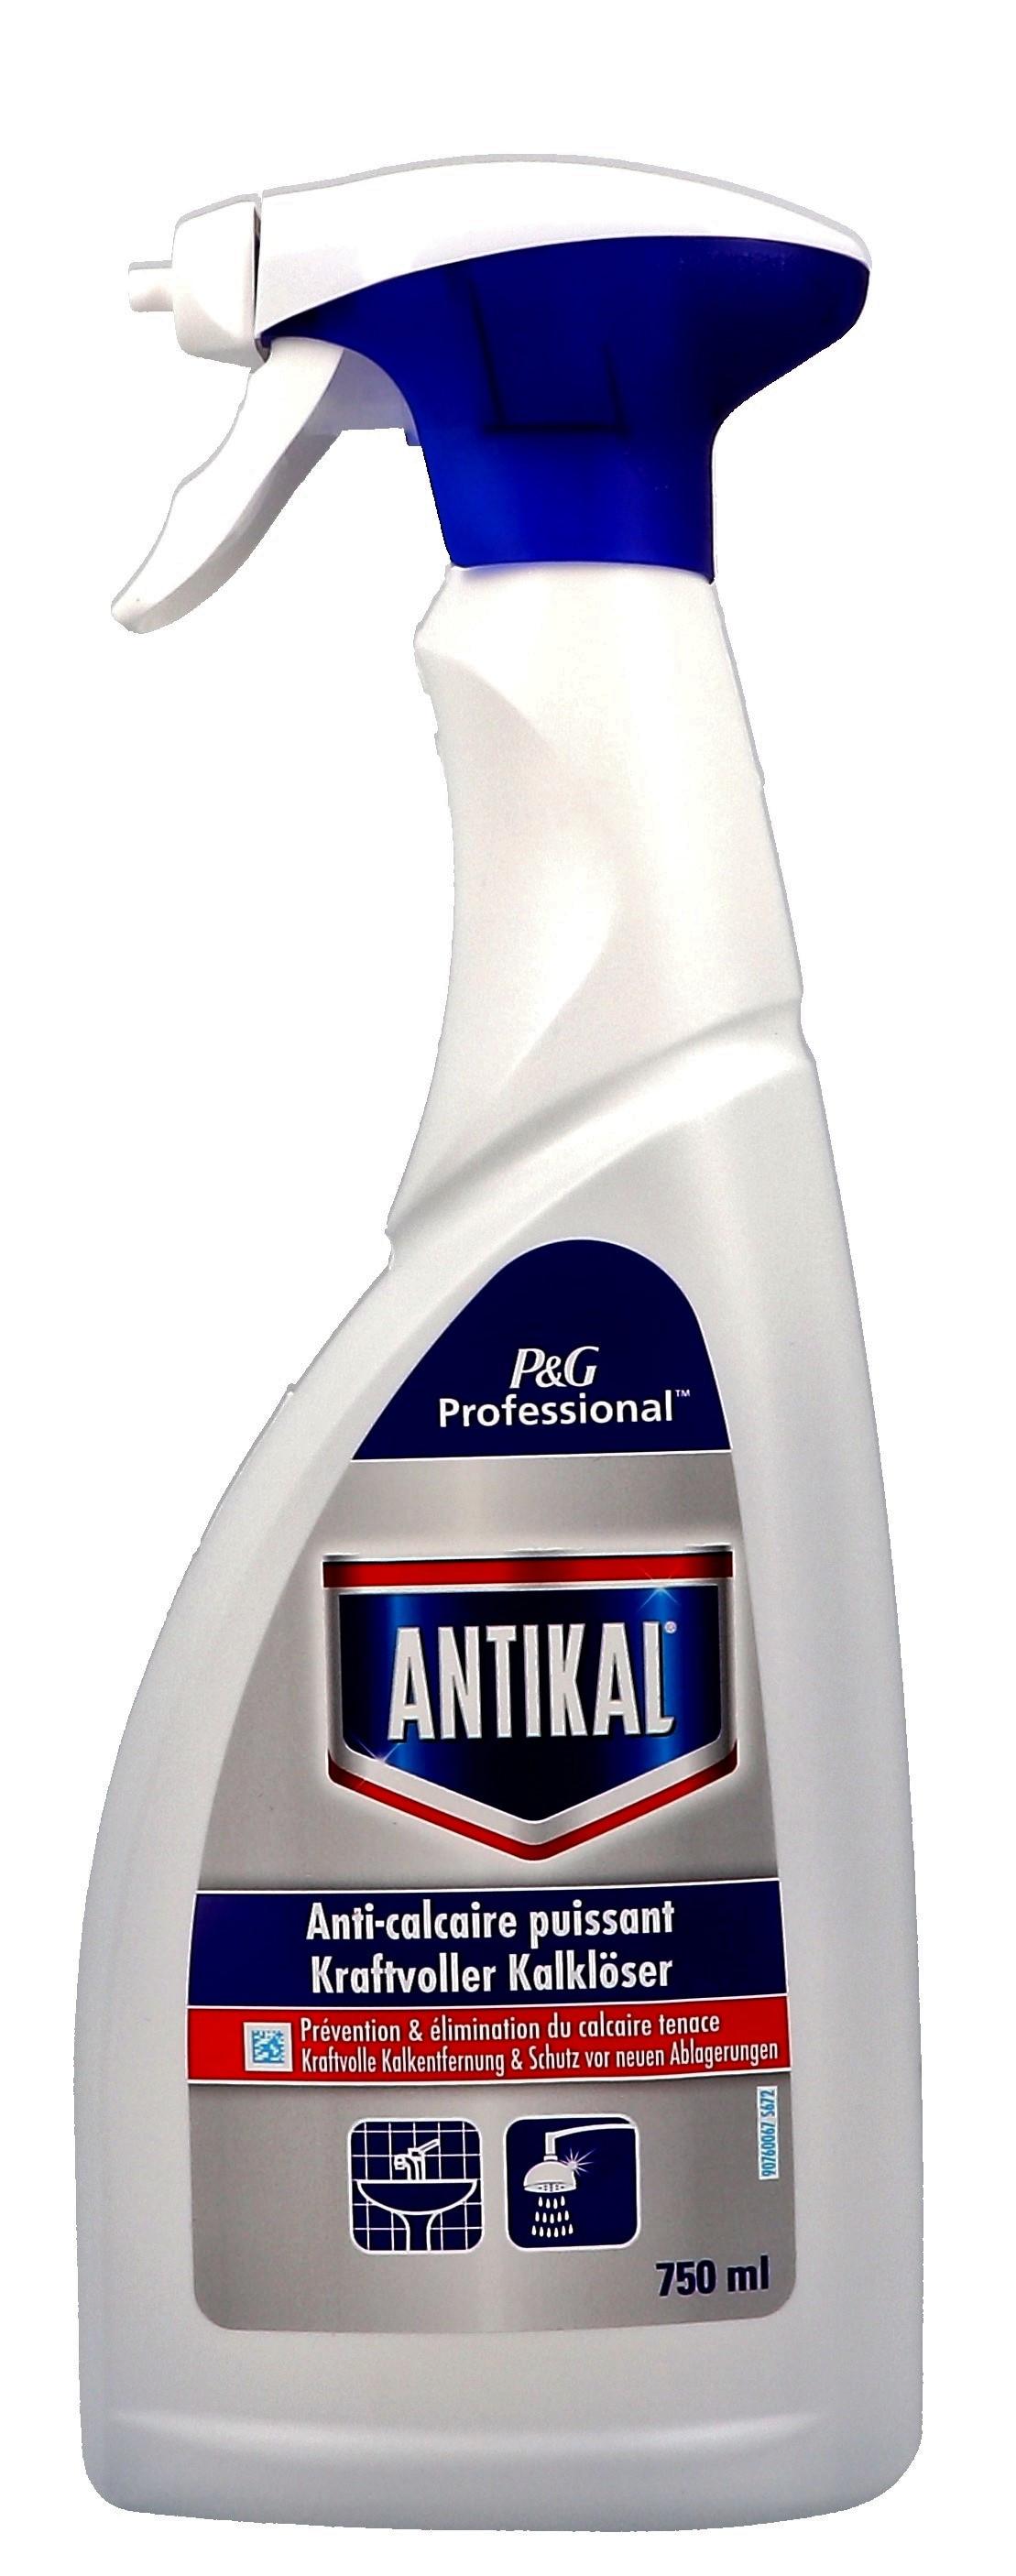 P&G Antikal nettoyant WC 750ml bouteille